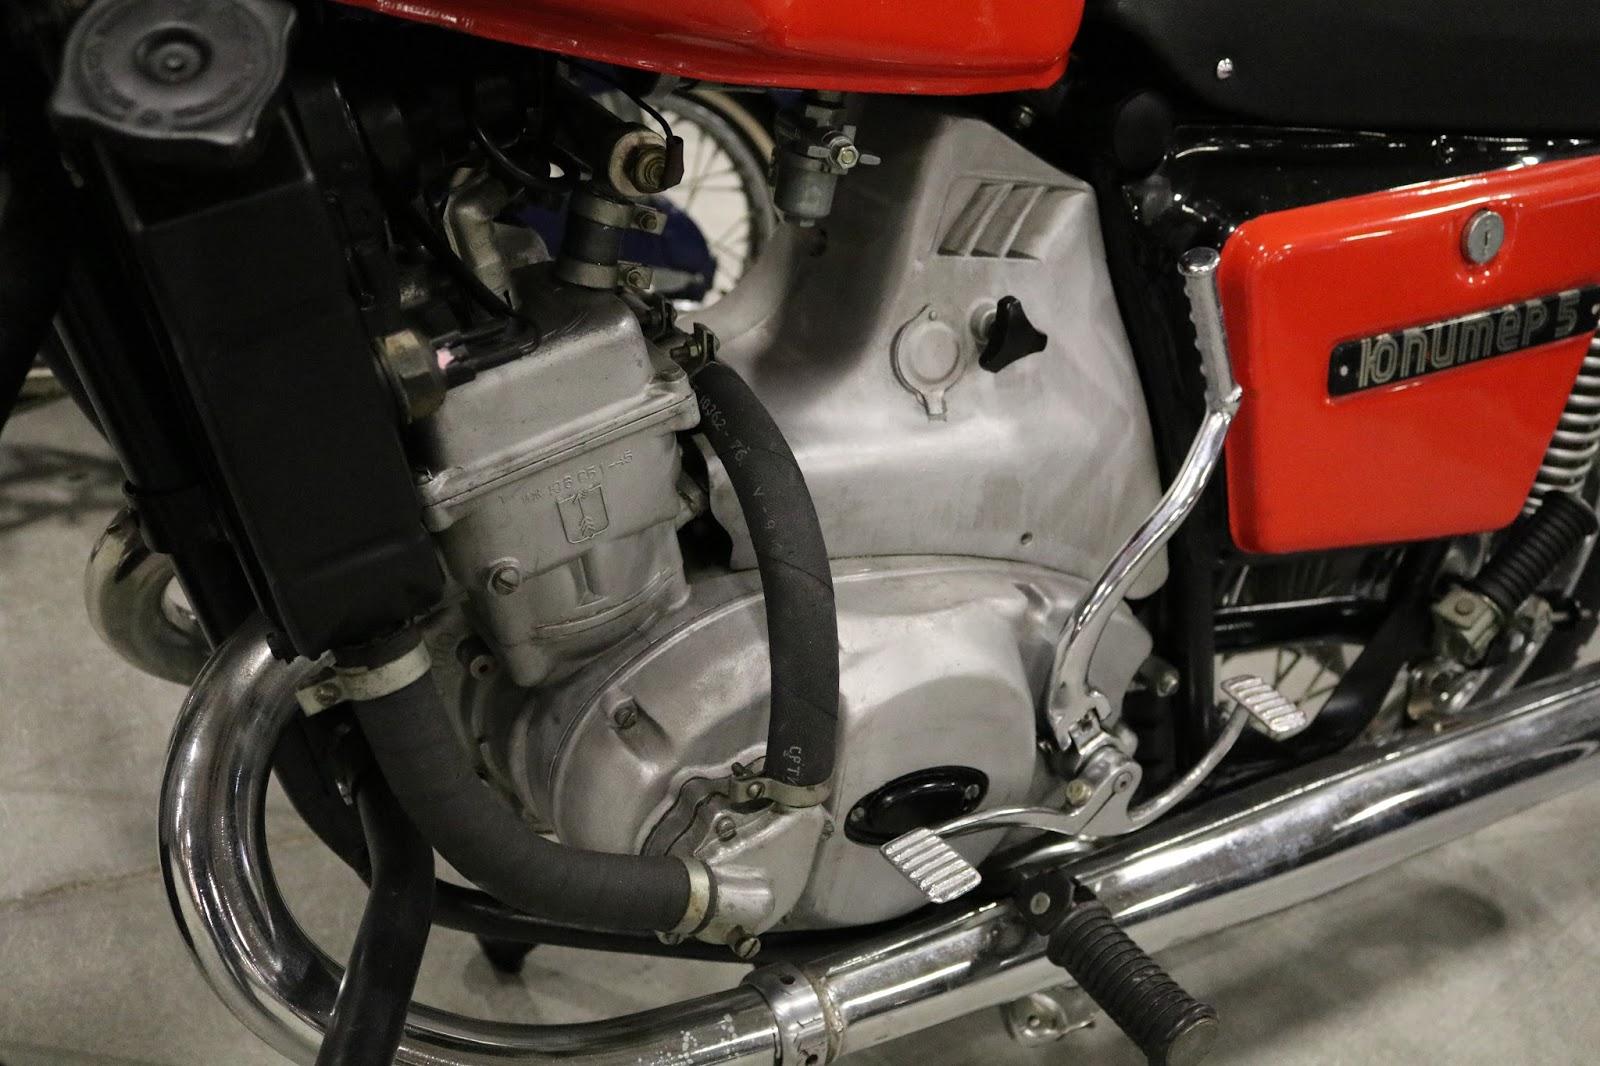 Restoration motorcycle IZH Jupiter-5 91